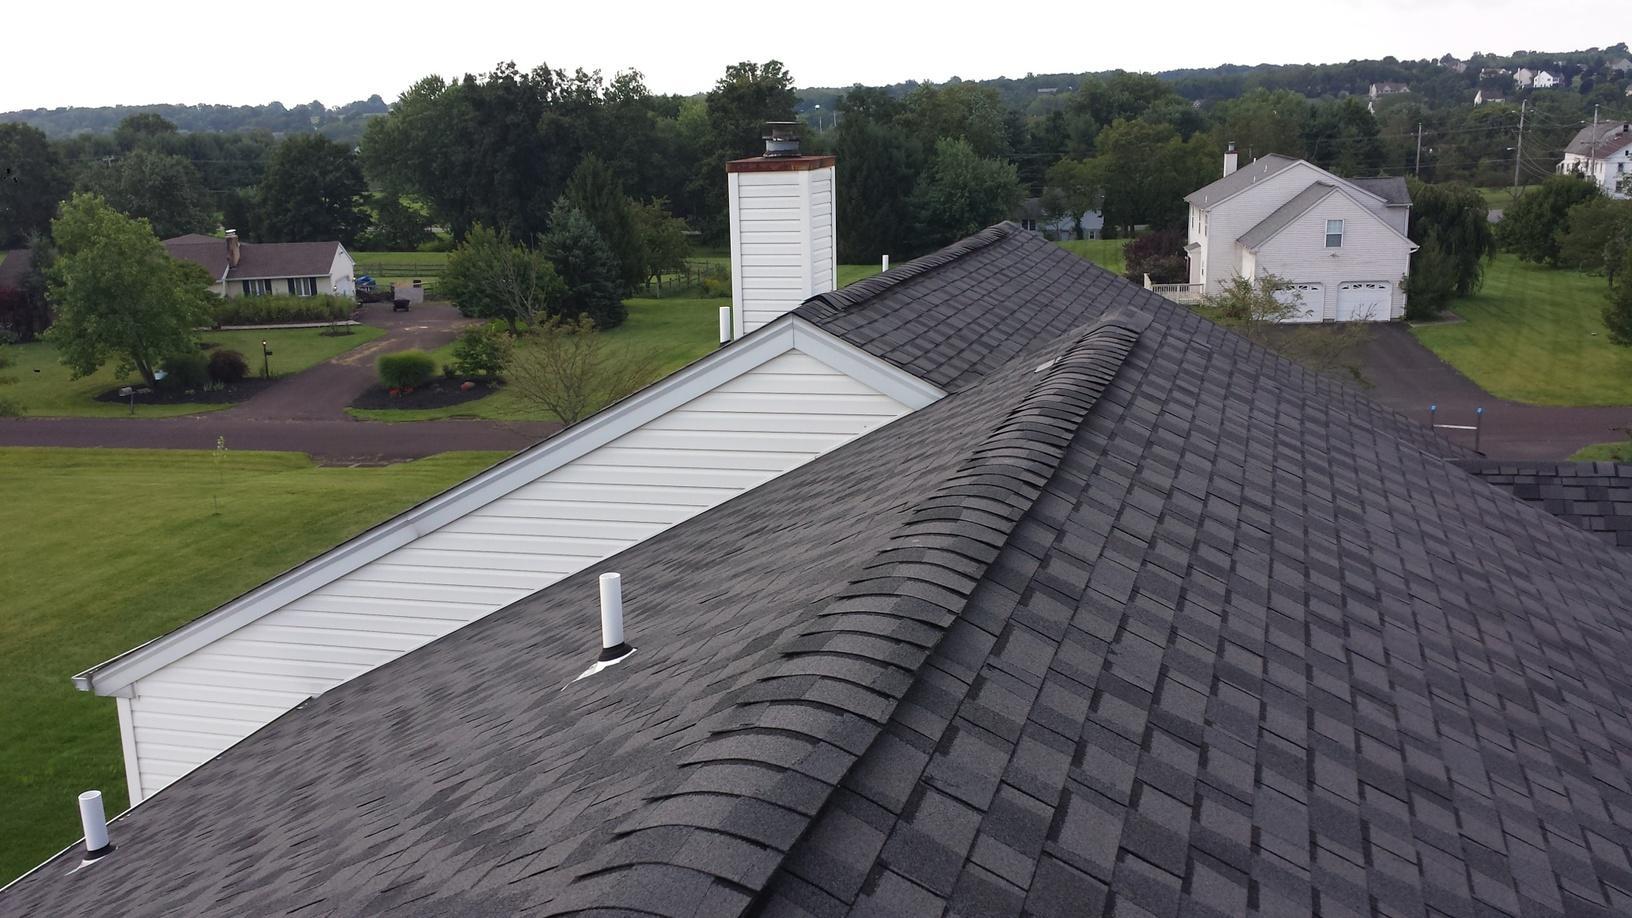 Roofline in Flemington, NJ